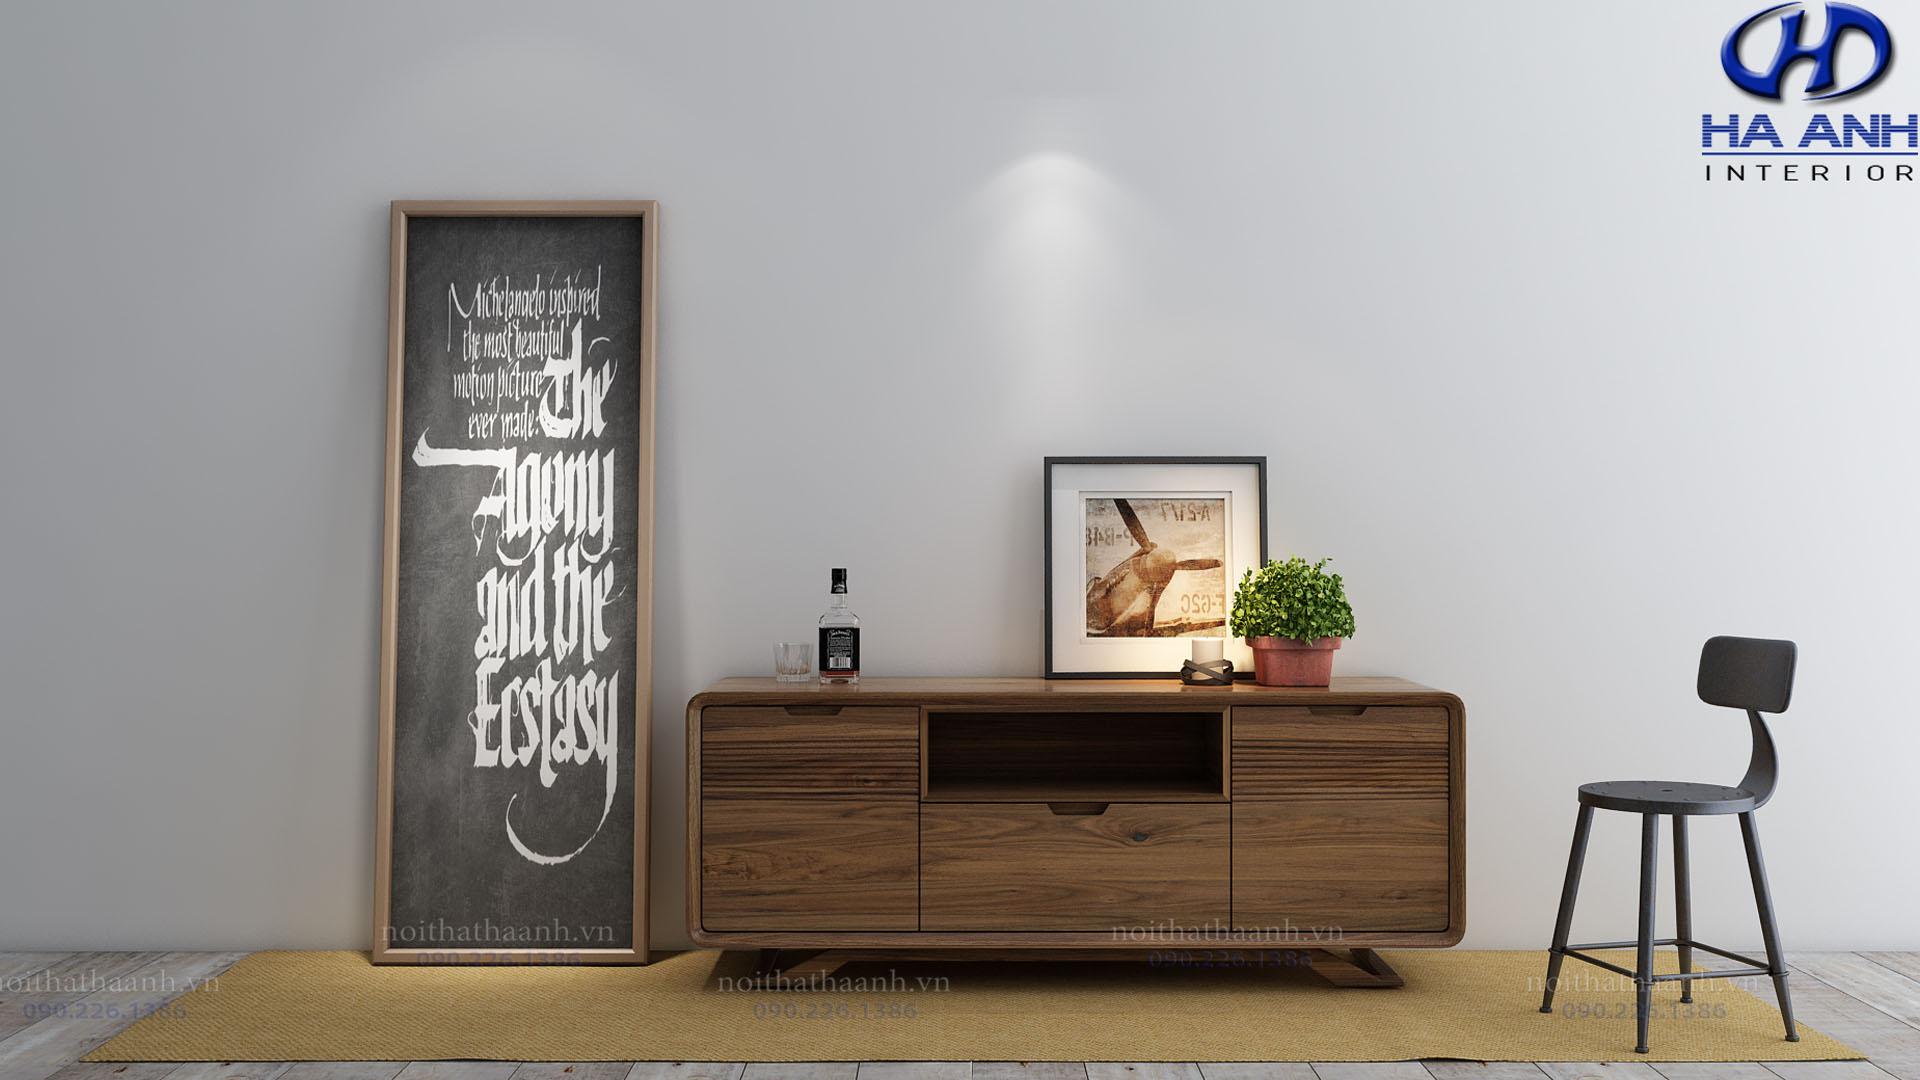 Bàn trang trí gỗ óc chó hà anh HA-50533